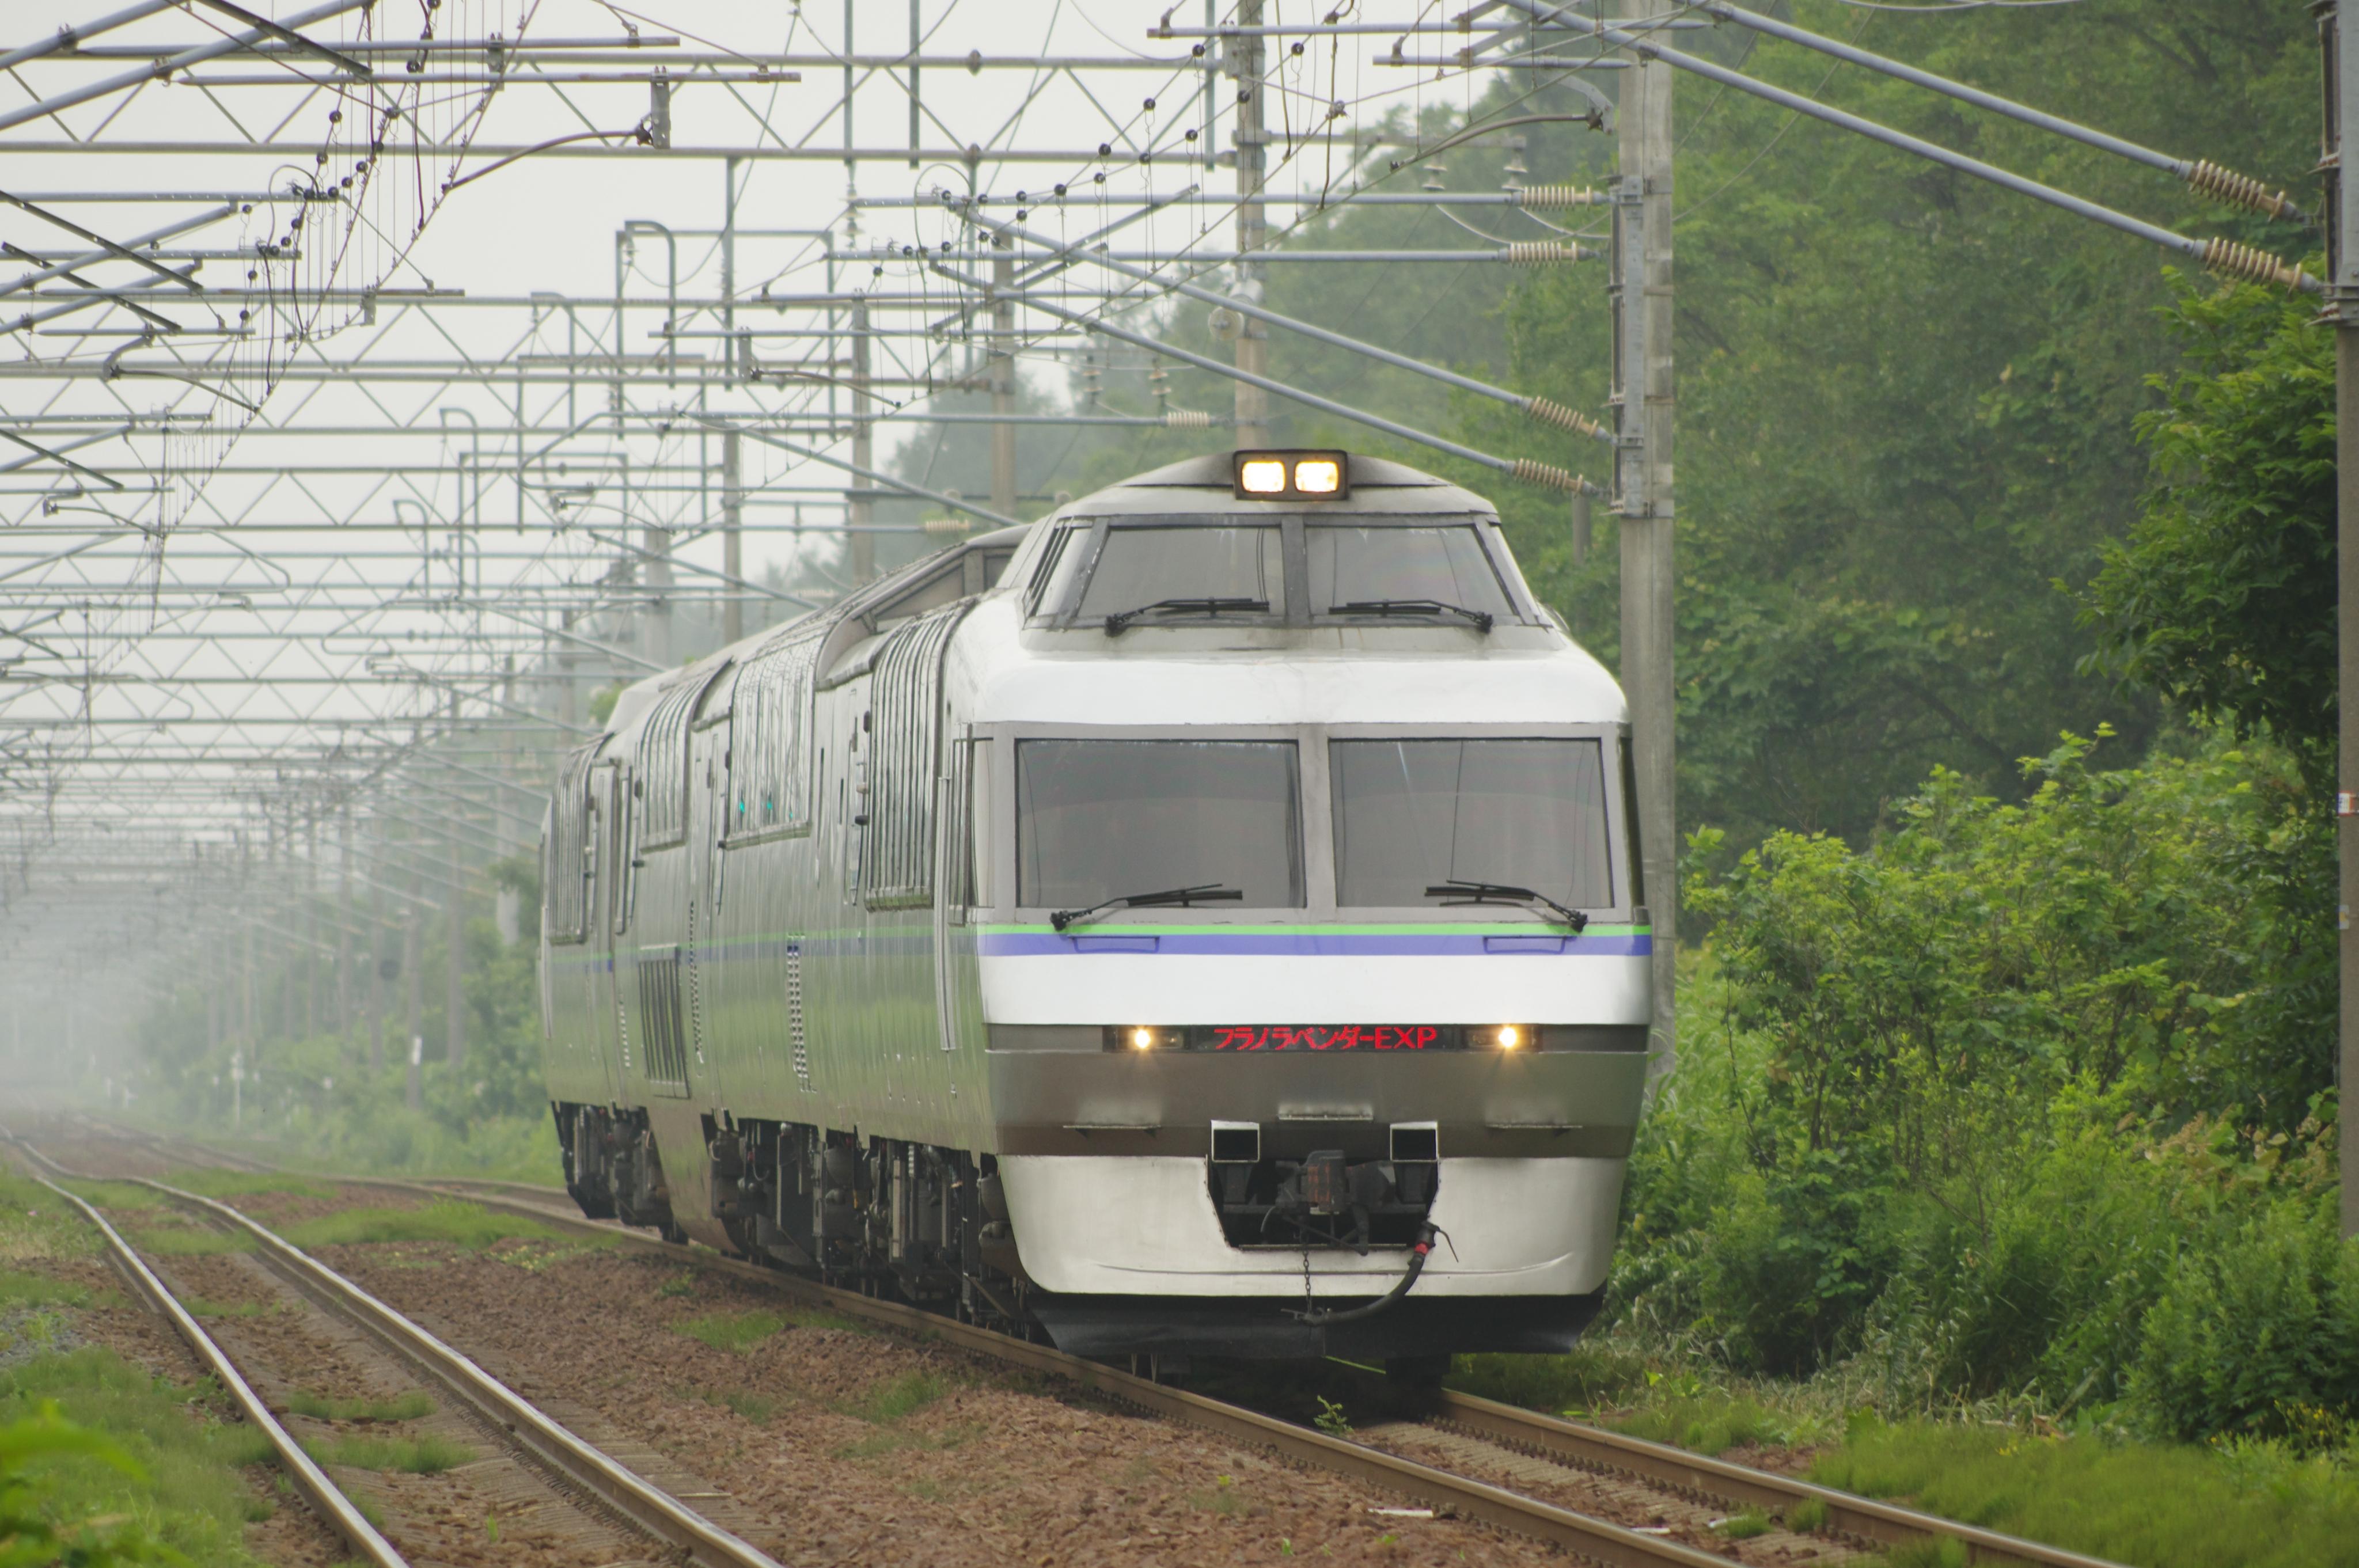 江別ー豊幌 7041D フラノラベンダーEXP1号_180721 (1).jpg